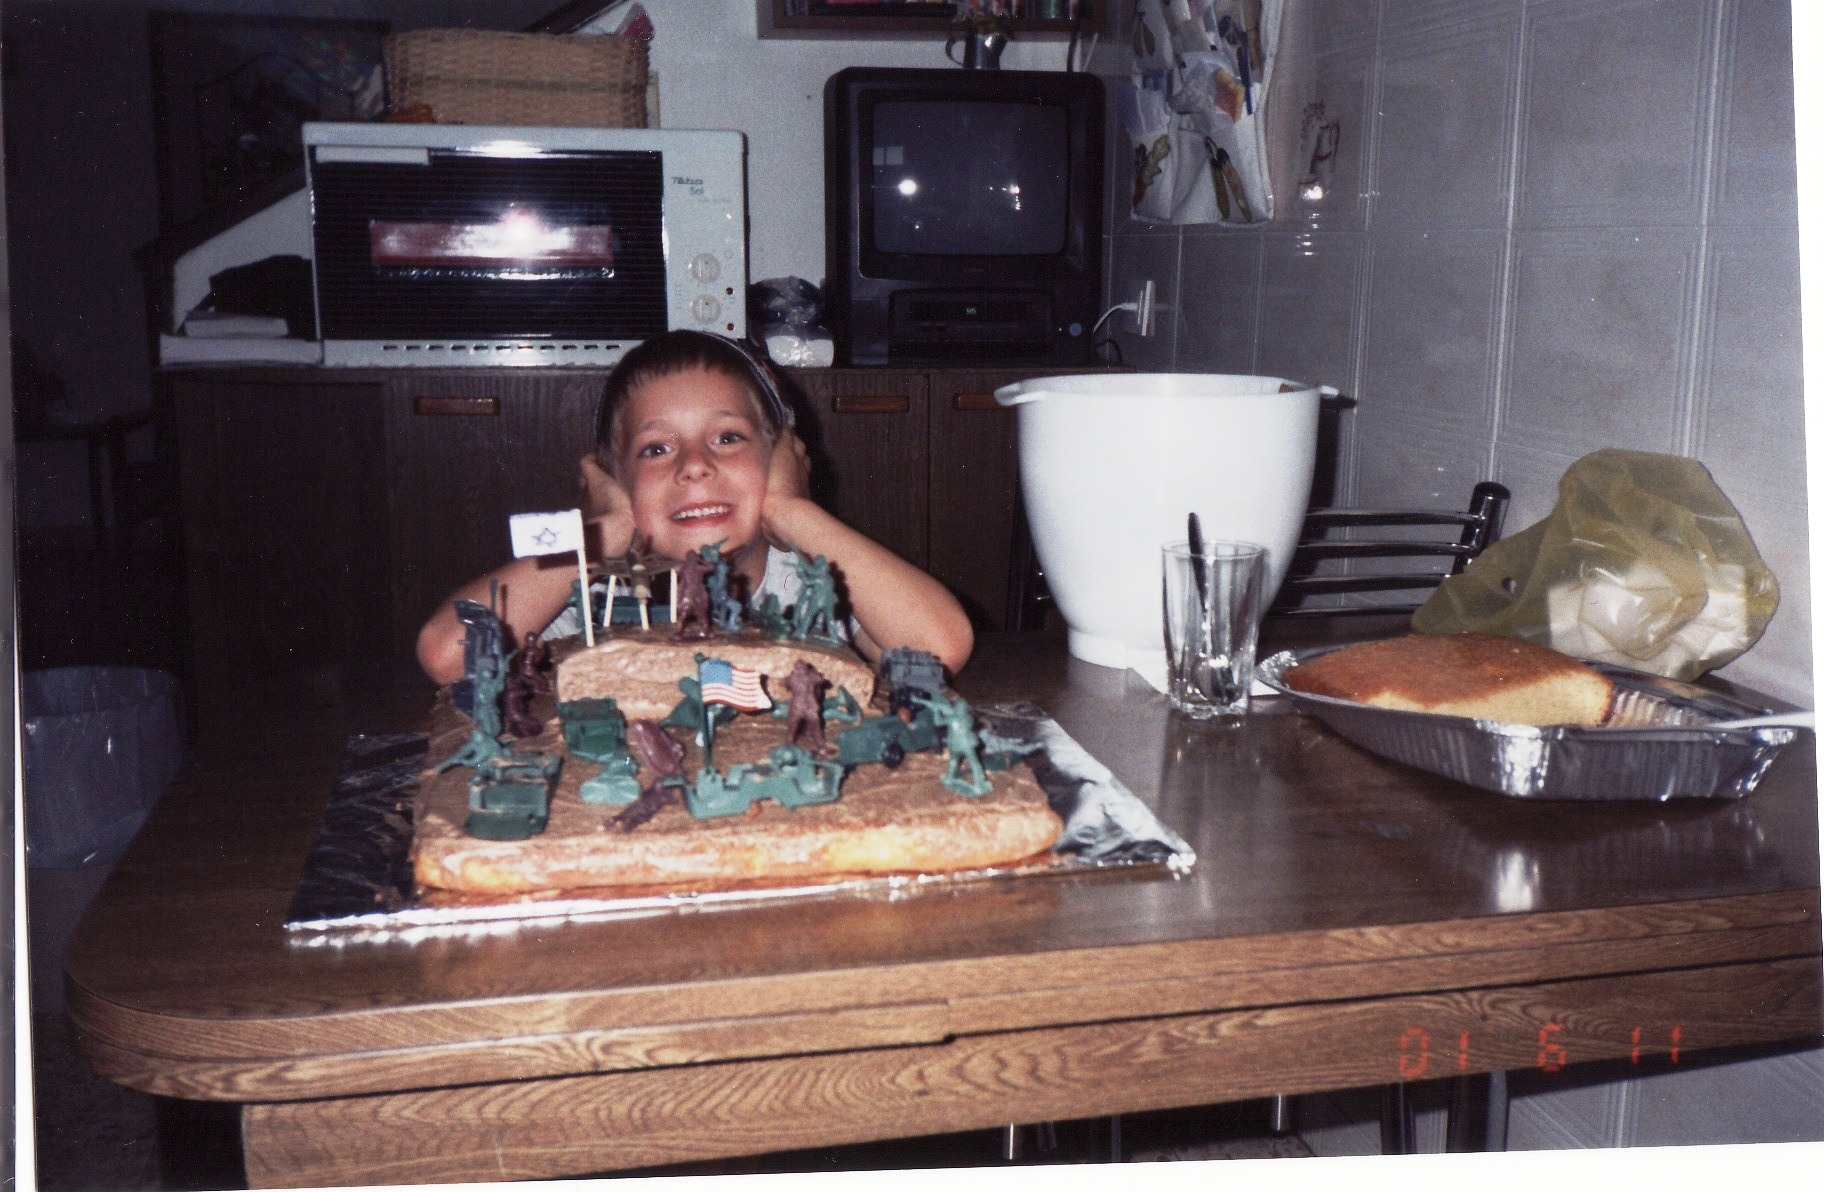 ישי עם עוגת יום ההולדת שהוא עיצב